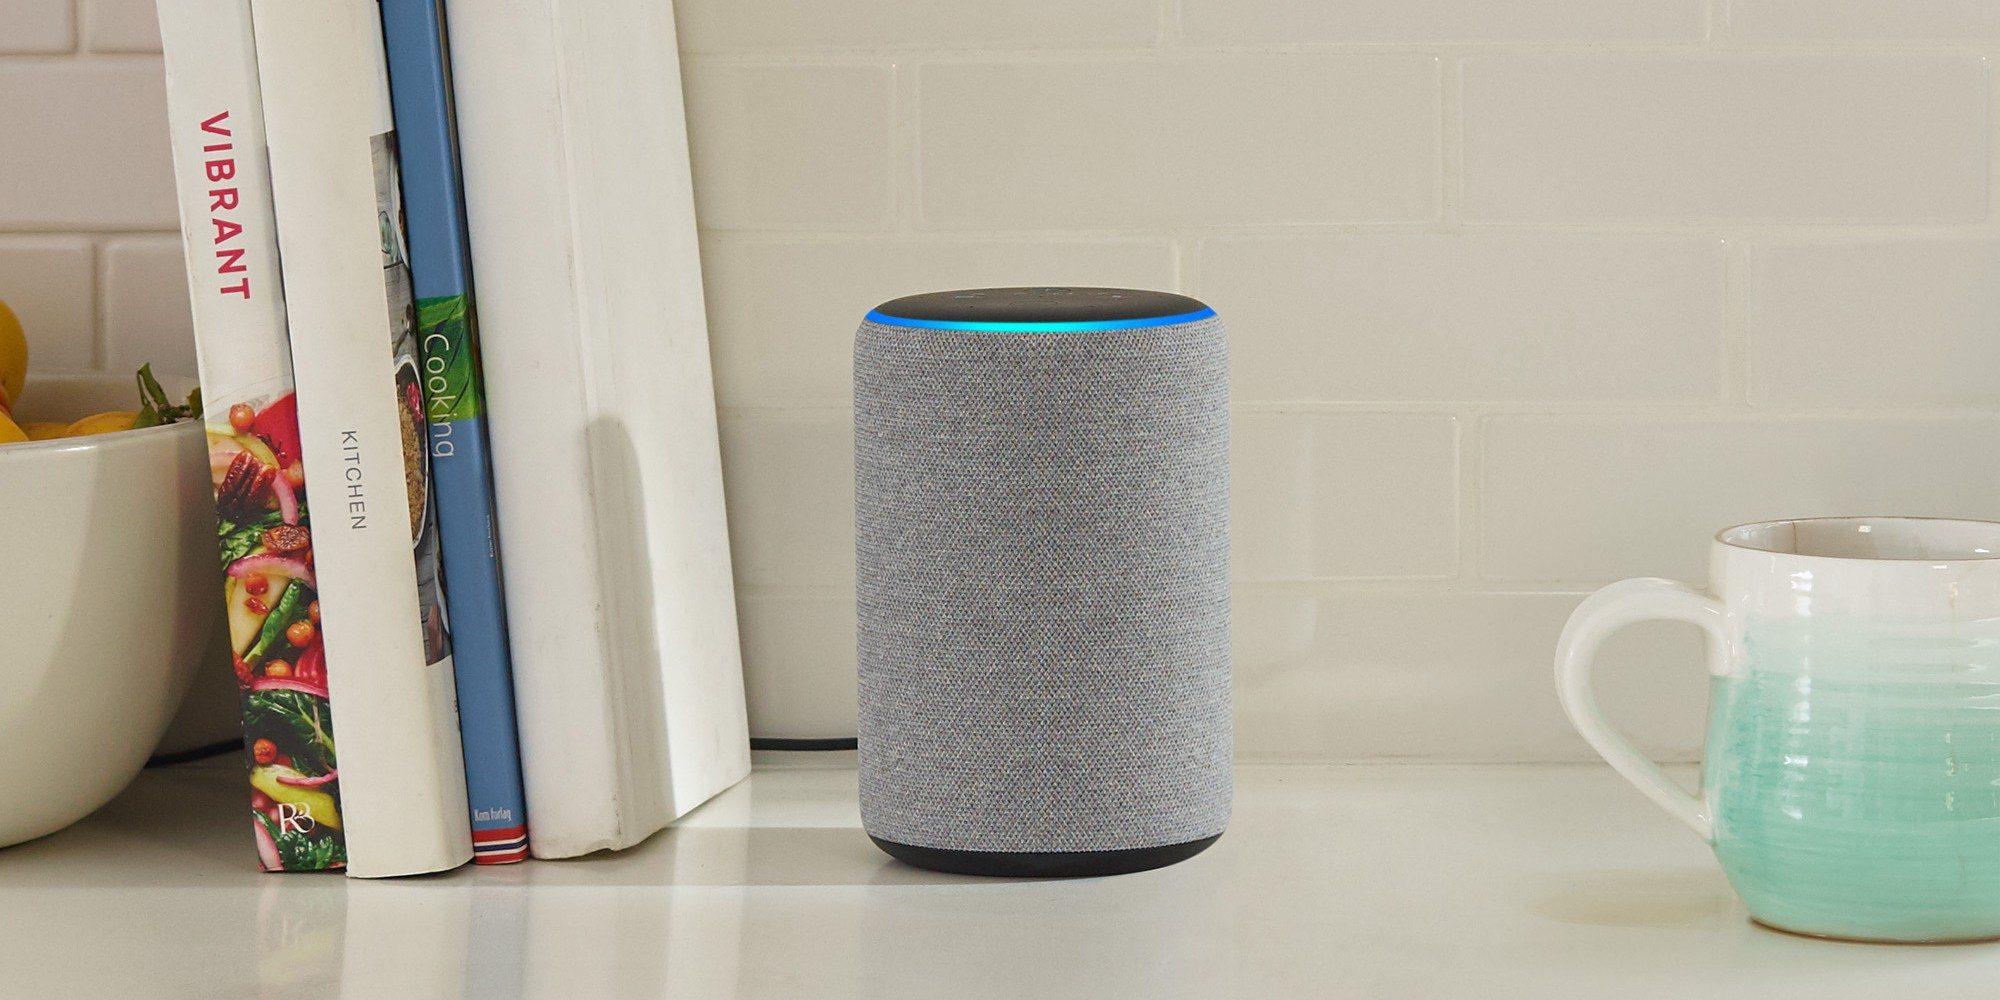 亚马逊全球数千员工审核Alexa对话:仅仅为提升语音助理能力